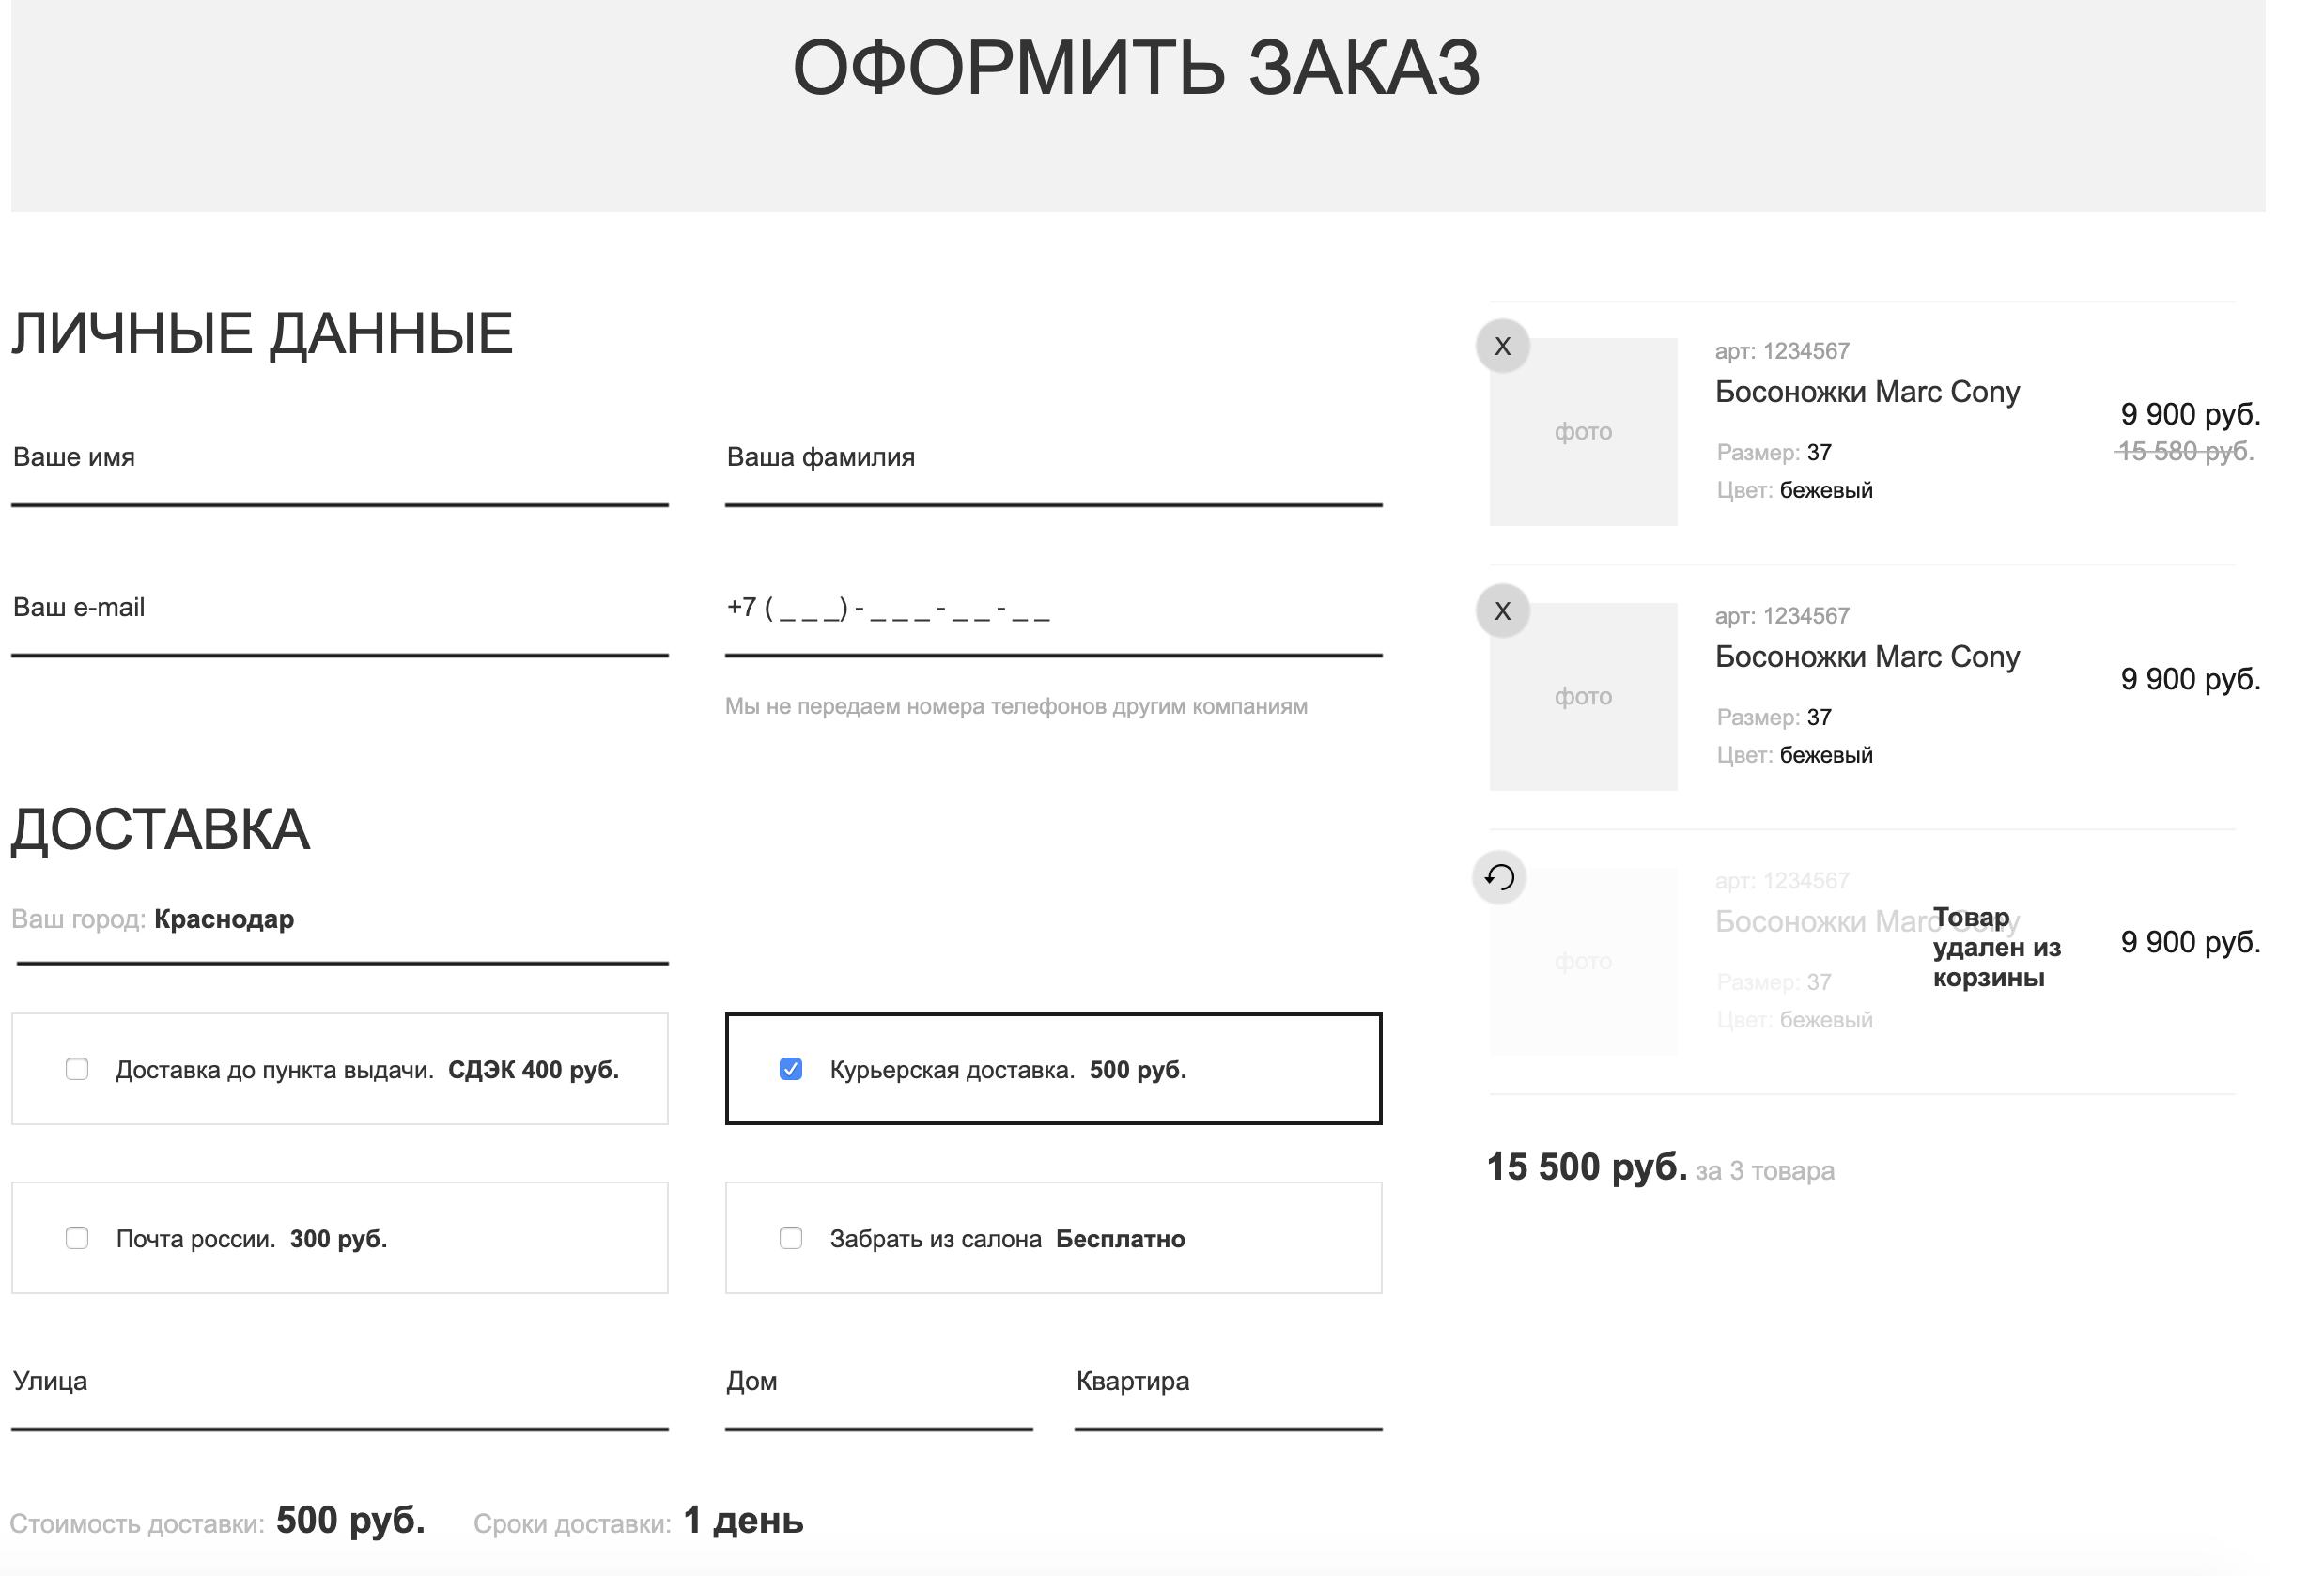 Проектирование интернет-магазина для SEO: (теория + чеклист) - 10